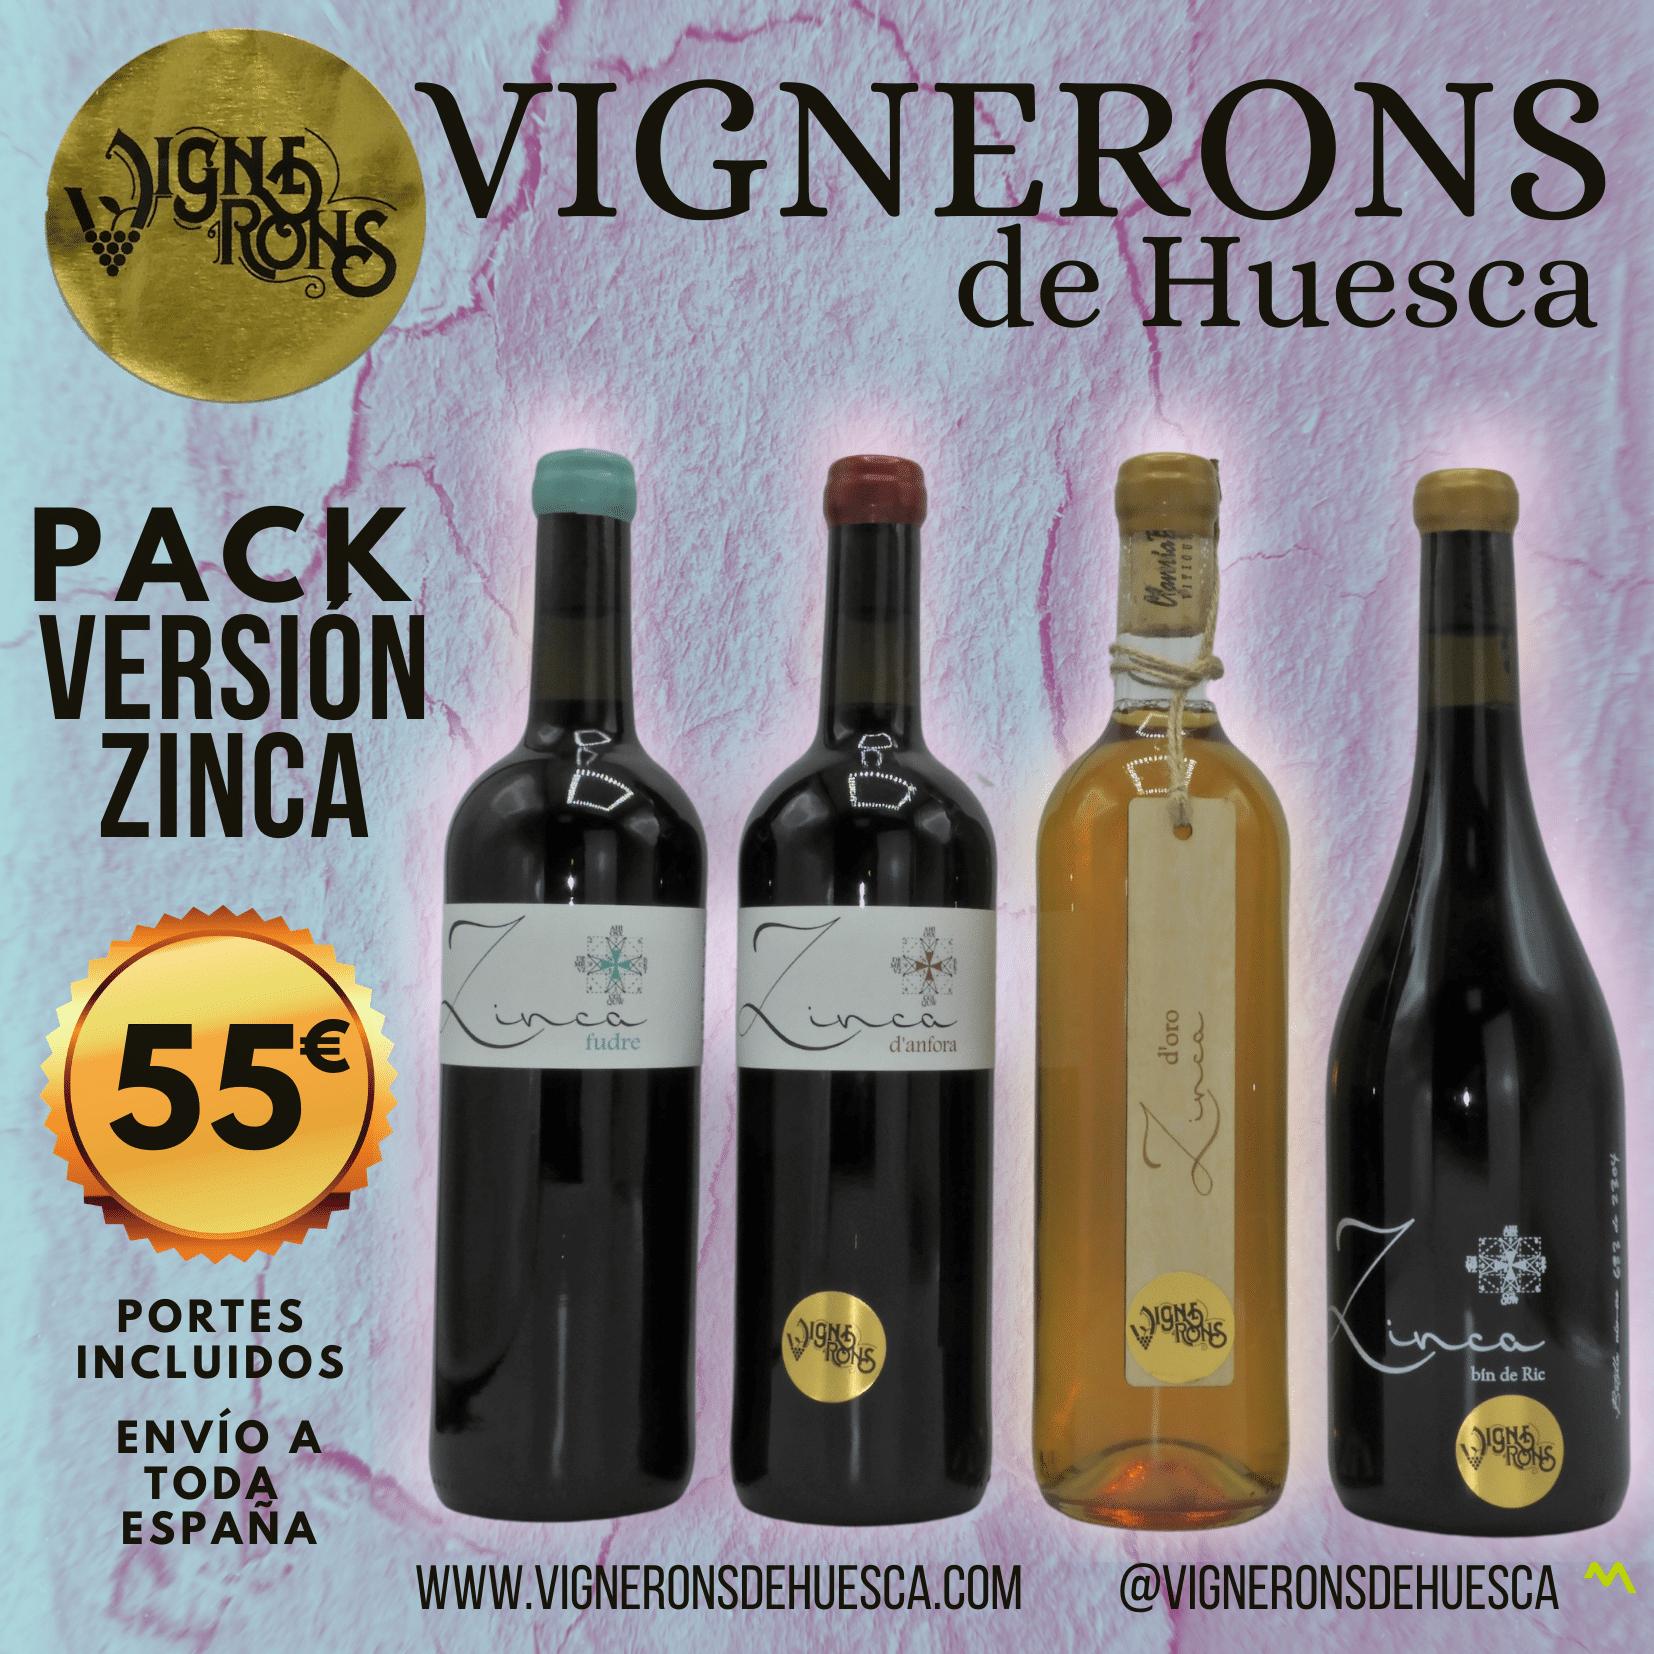 Pack Versión Zinca (4 Botellas) : D'Anfora, Foudre, Bin de Ric y D'Oro